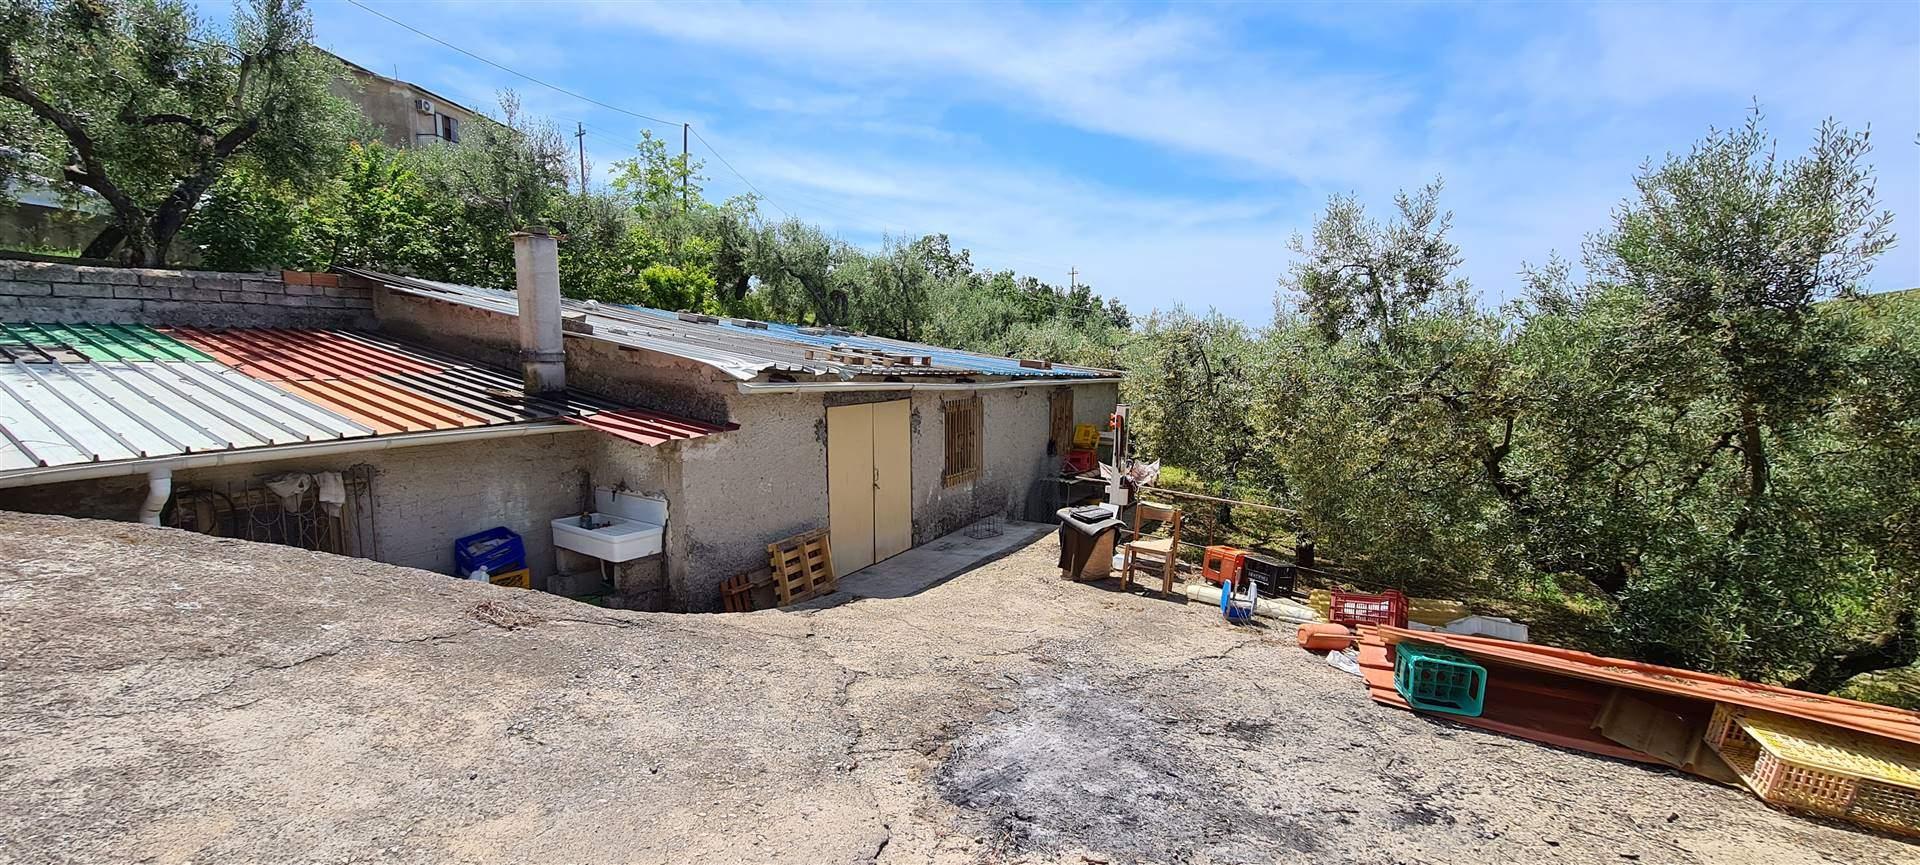 TRIVIO, FORMIA, Вилла на продажу из 131 Км, Класс энергосбережения: G, на земле Поднятый, состоит из: 4.5 Помещения, Отдельная кухня, , 3 Комнаты, 2